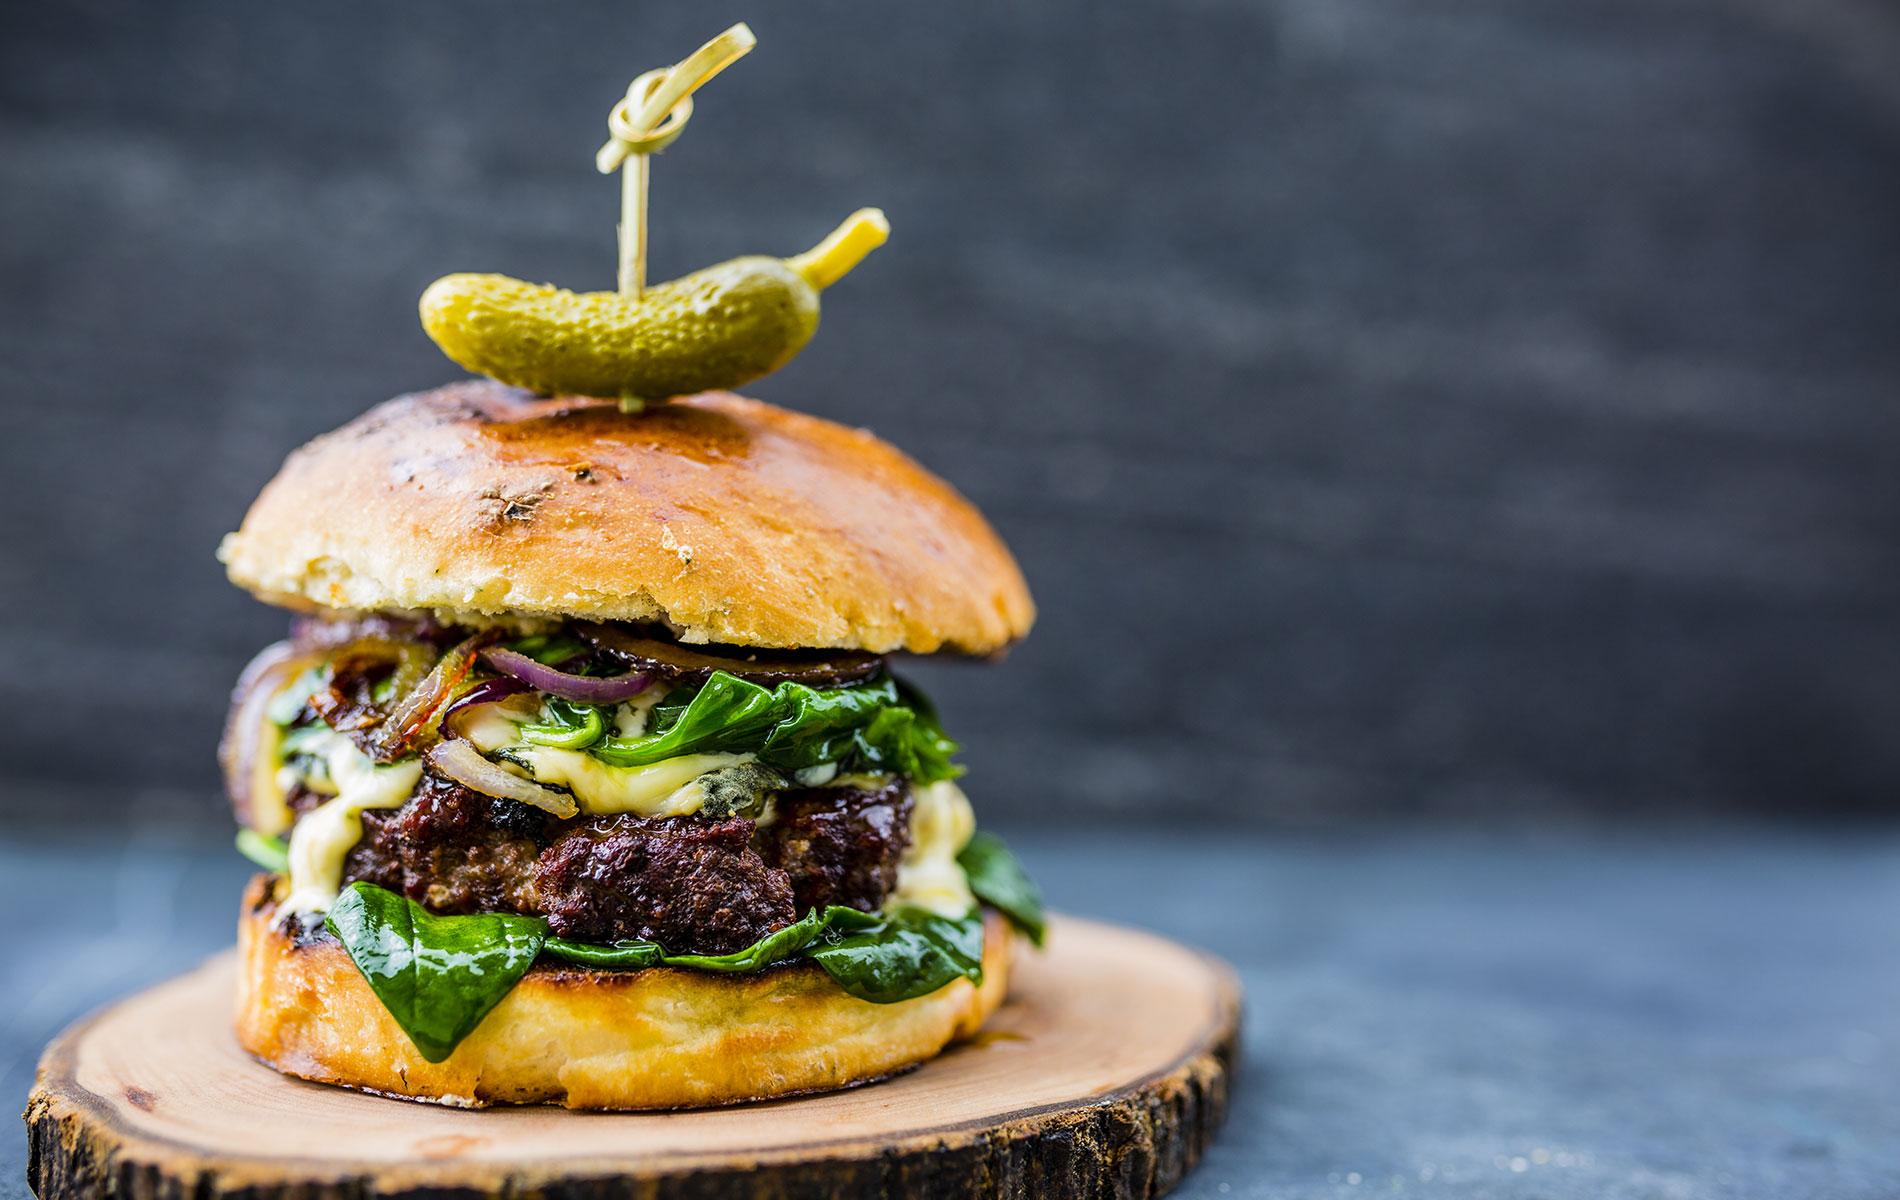 Eccezionale Hamburger gourmet con spinaci e cipollotti fritti, in salsa allo XF61